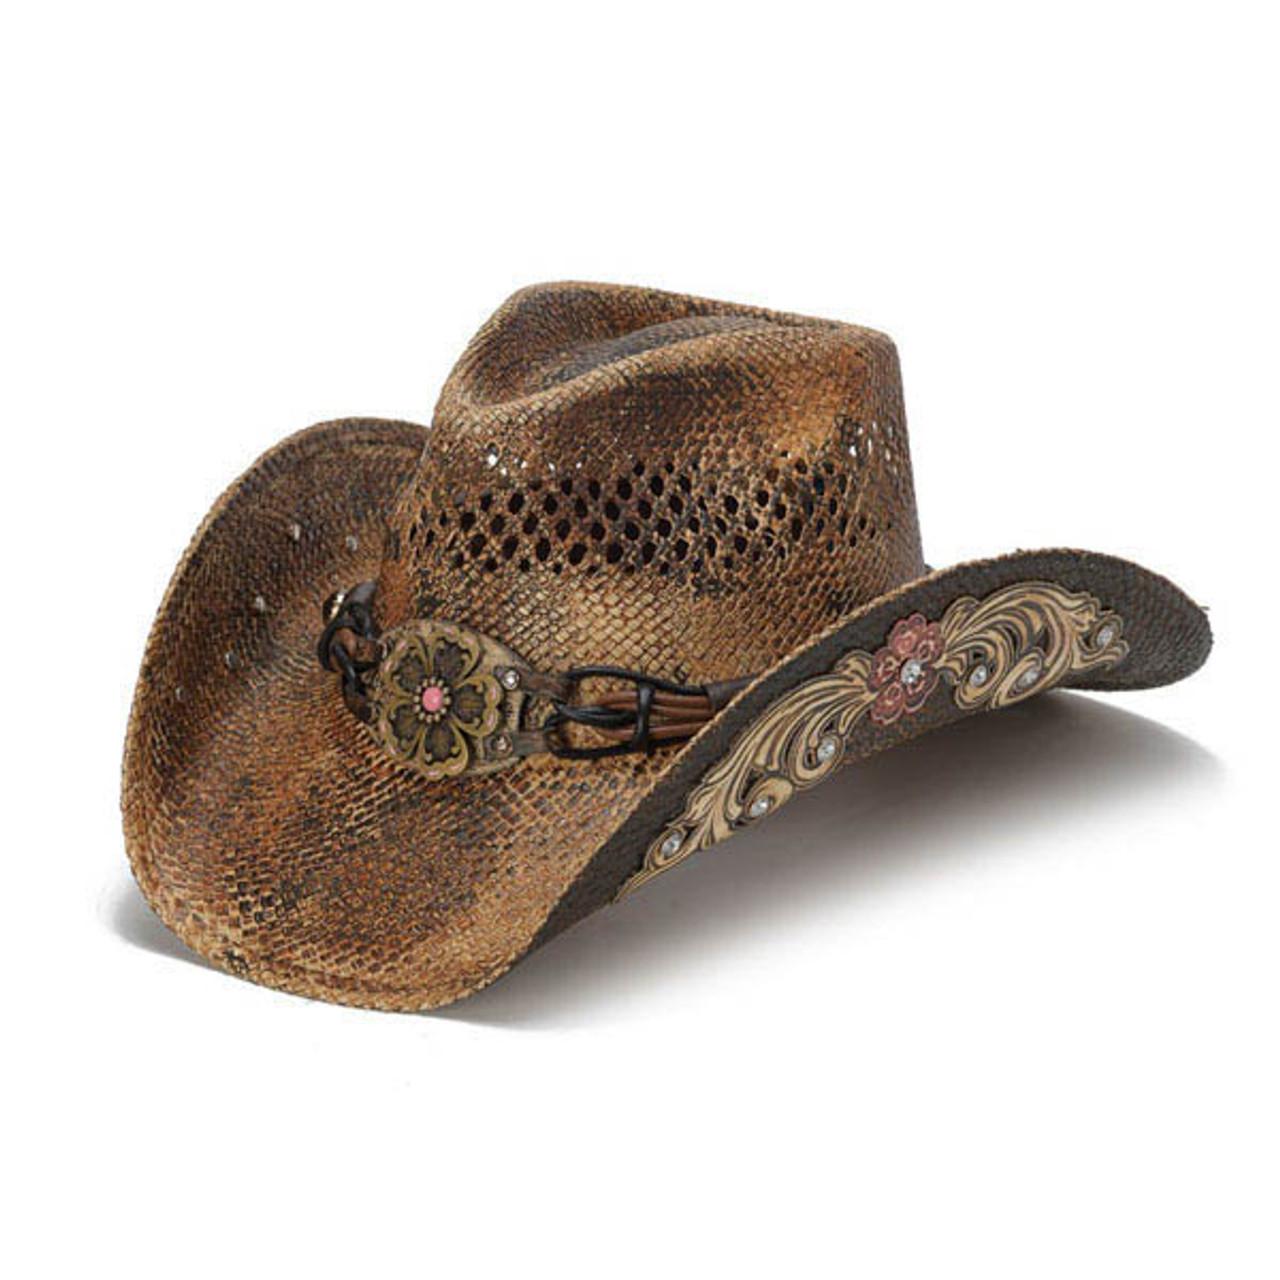 Stampede Hats  7ea8621b15e2